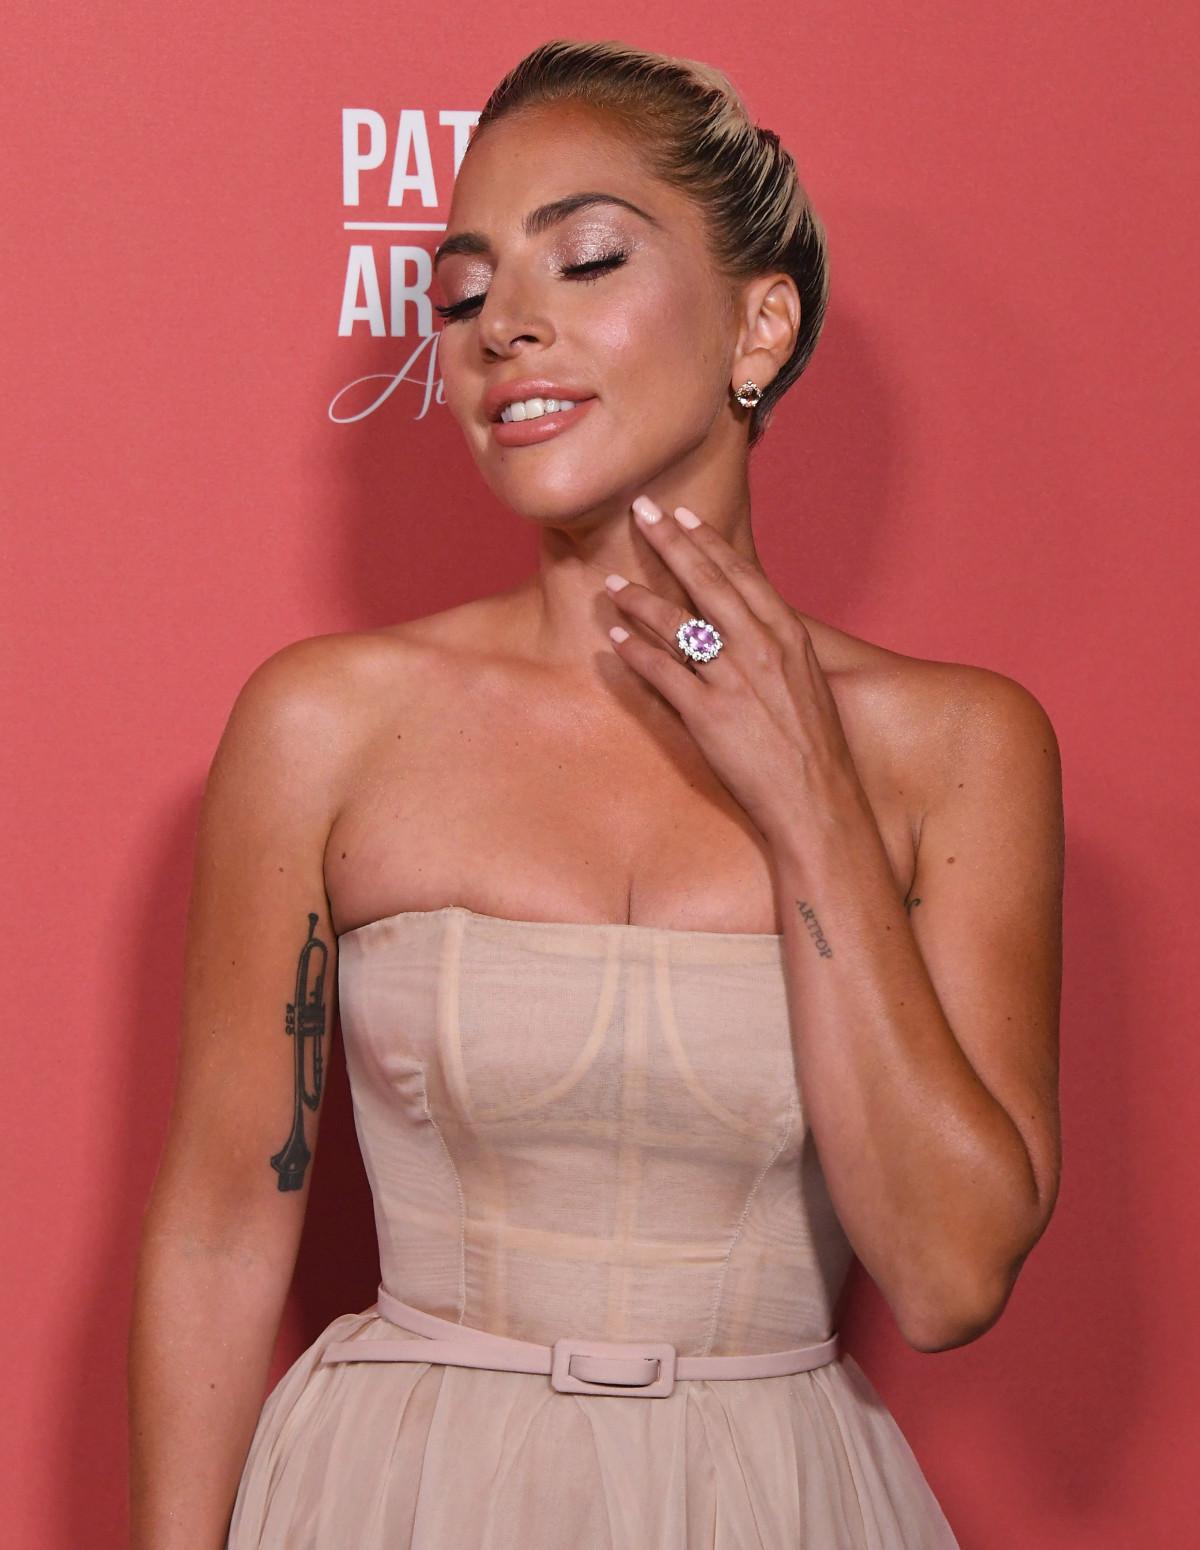 nhẫn đính hôn của nữ ca sĩ Katy Perry 7